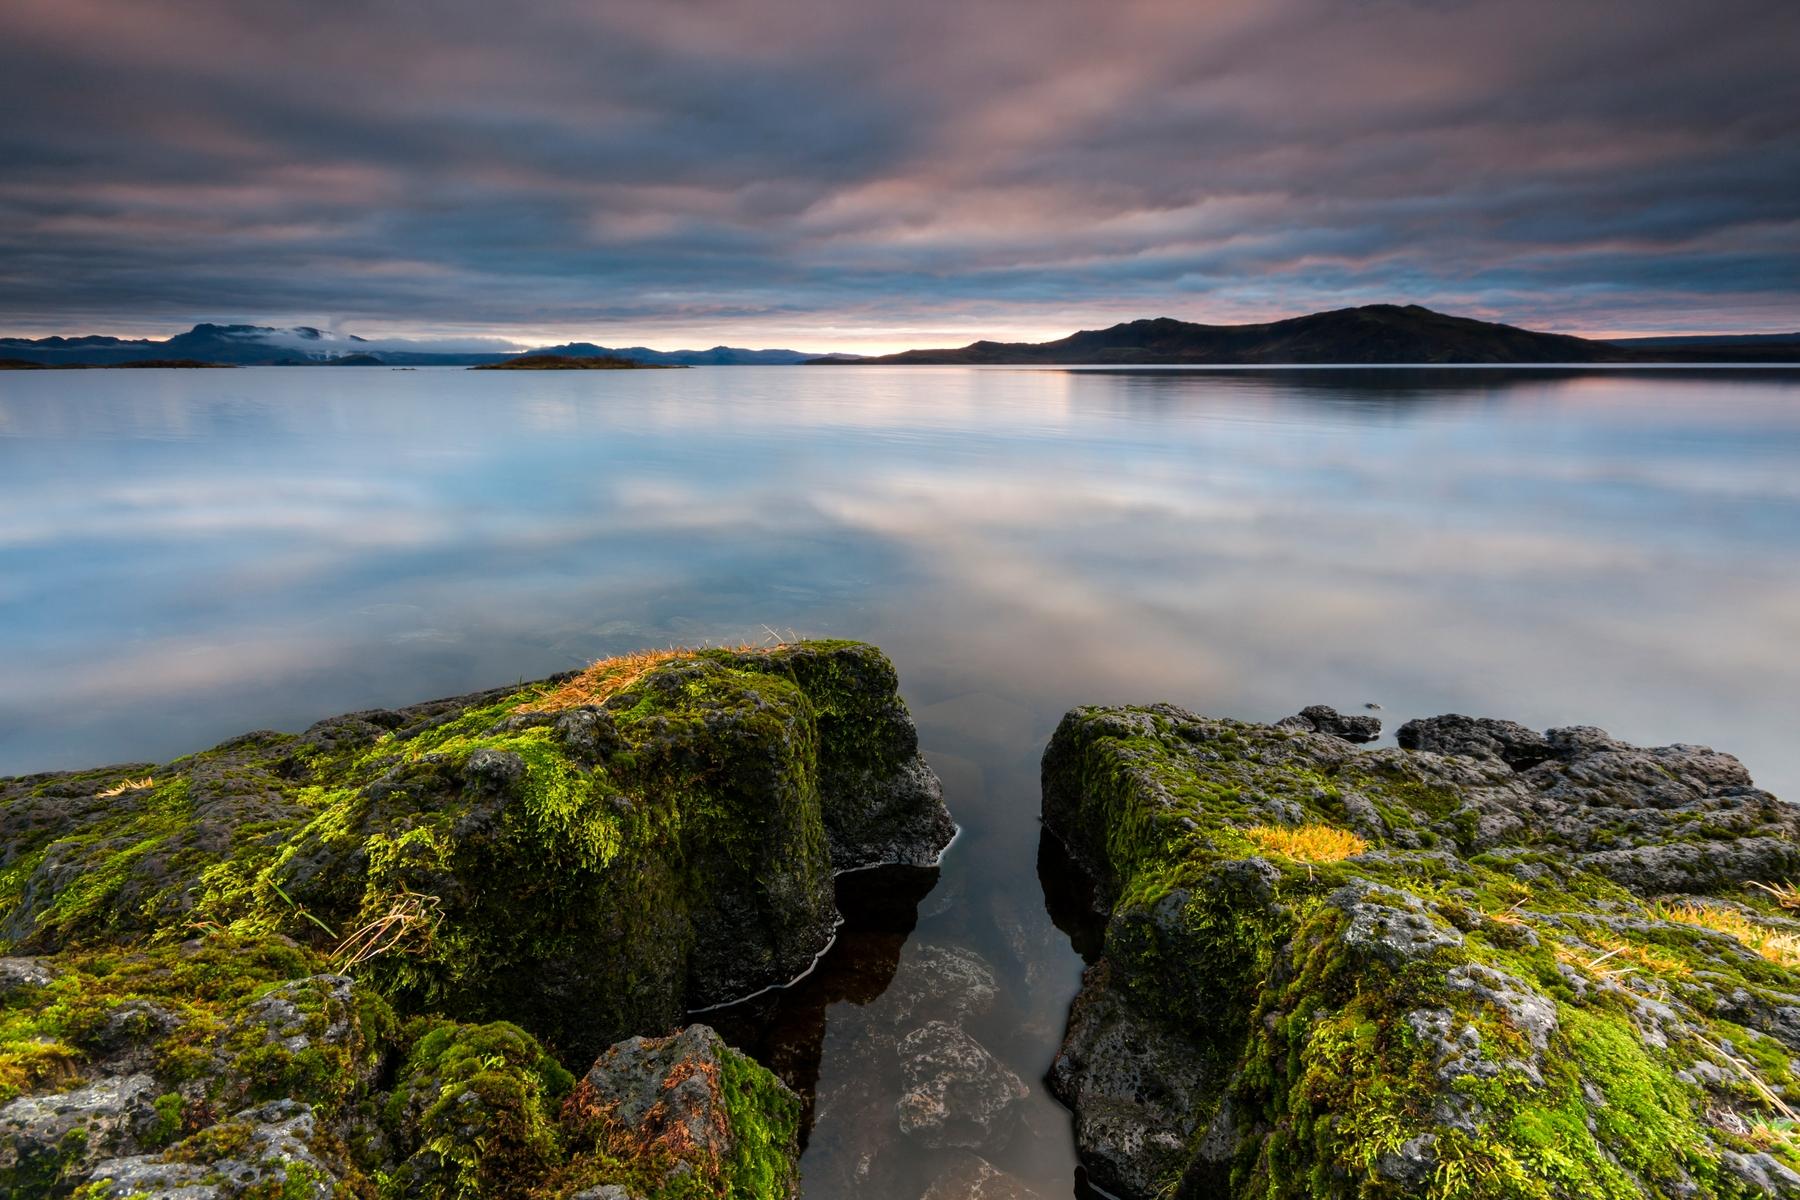 L'eau vitreuse et les roches couvertes de mousse sous un ciel maussade